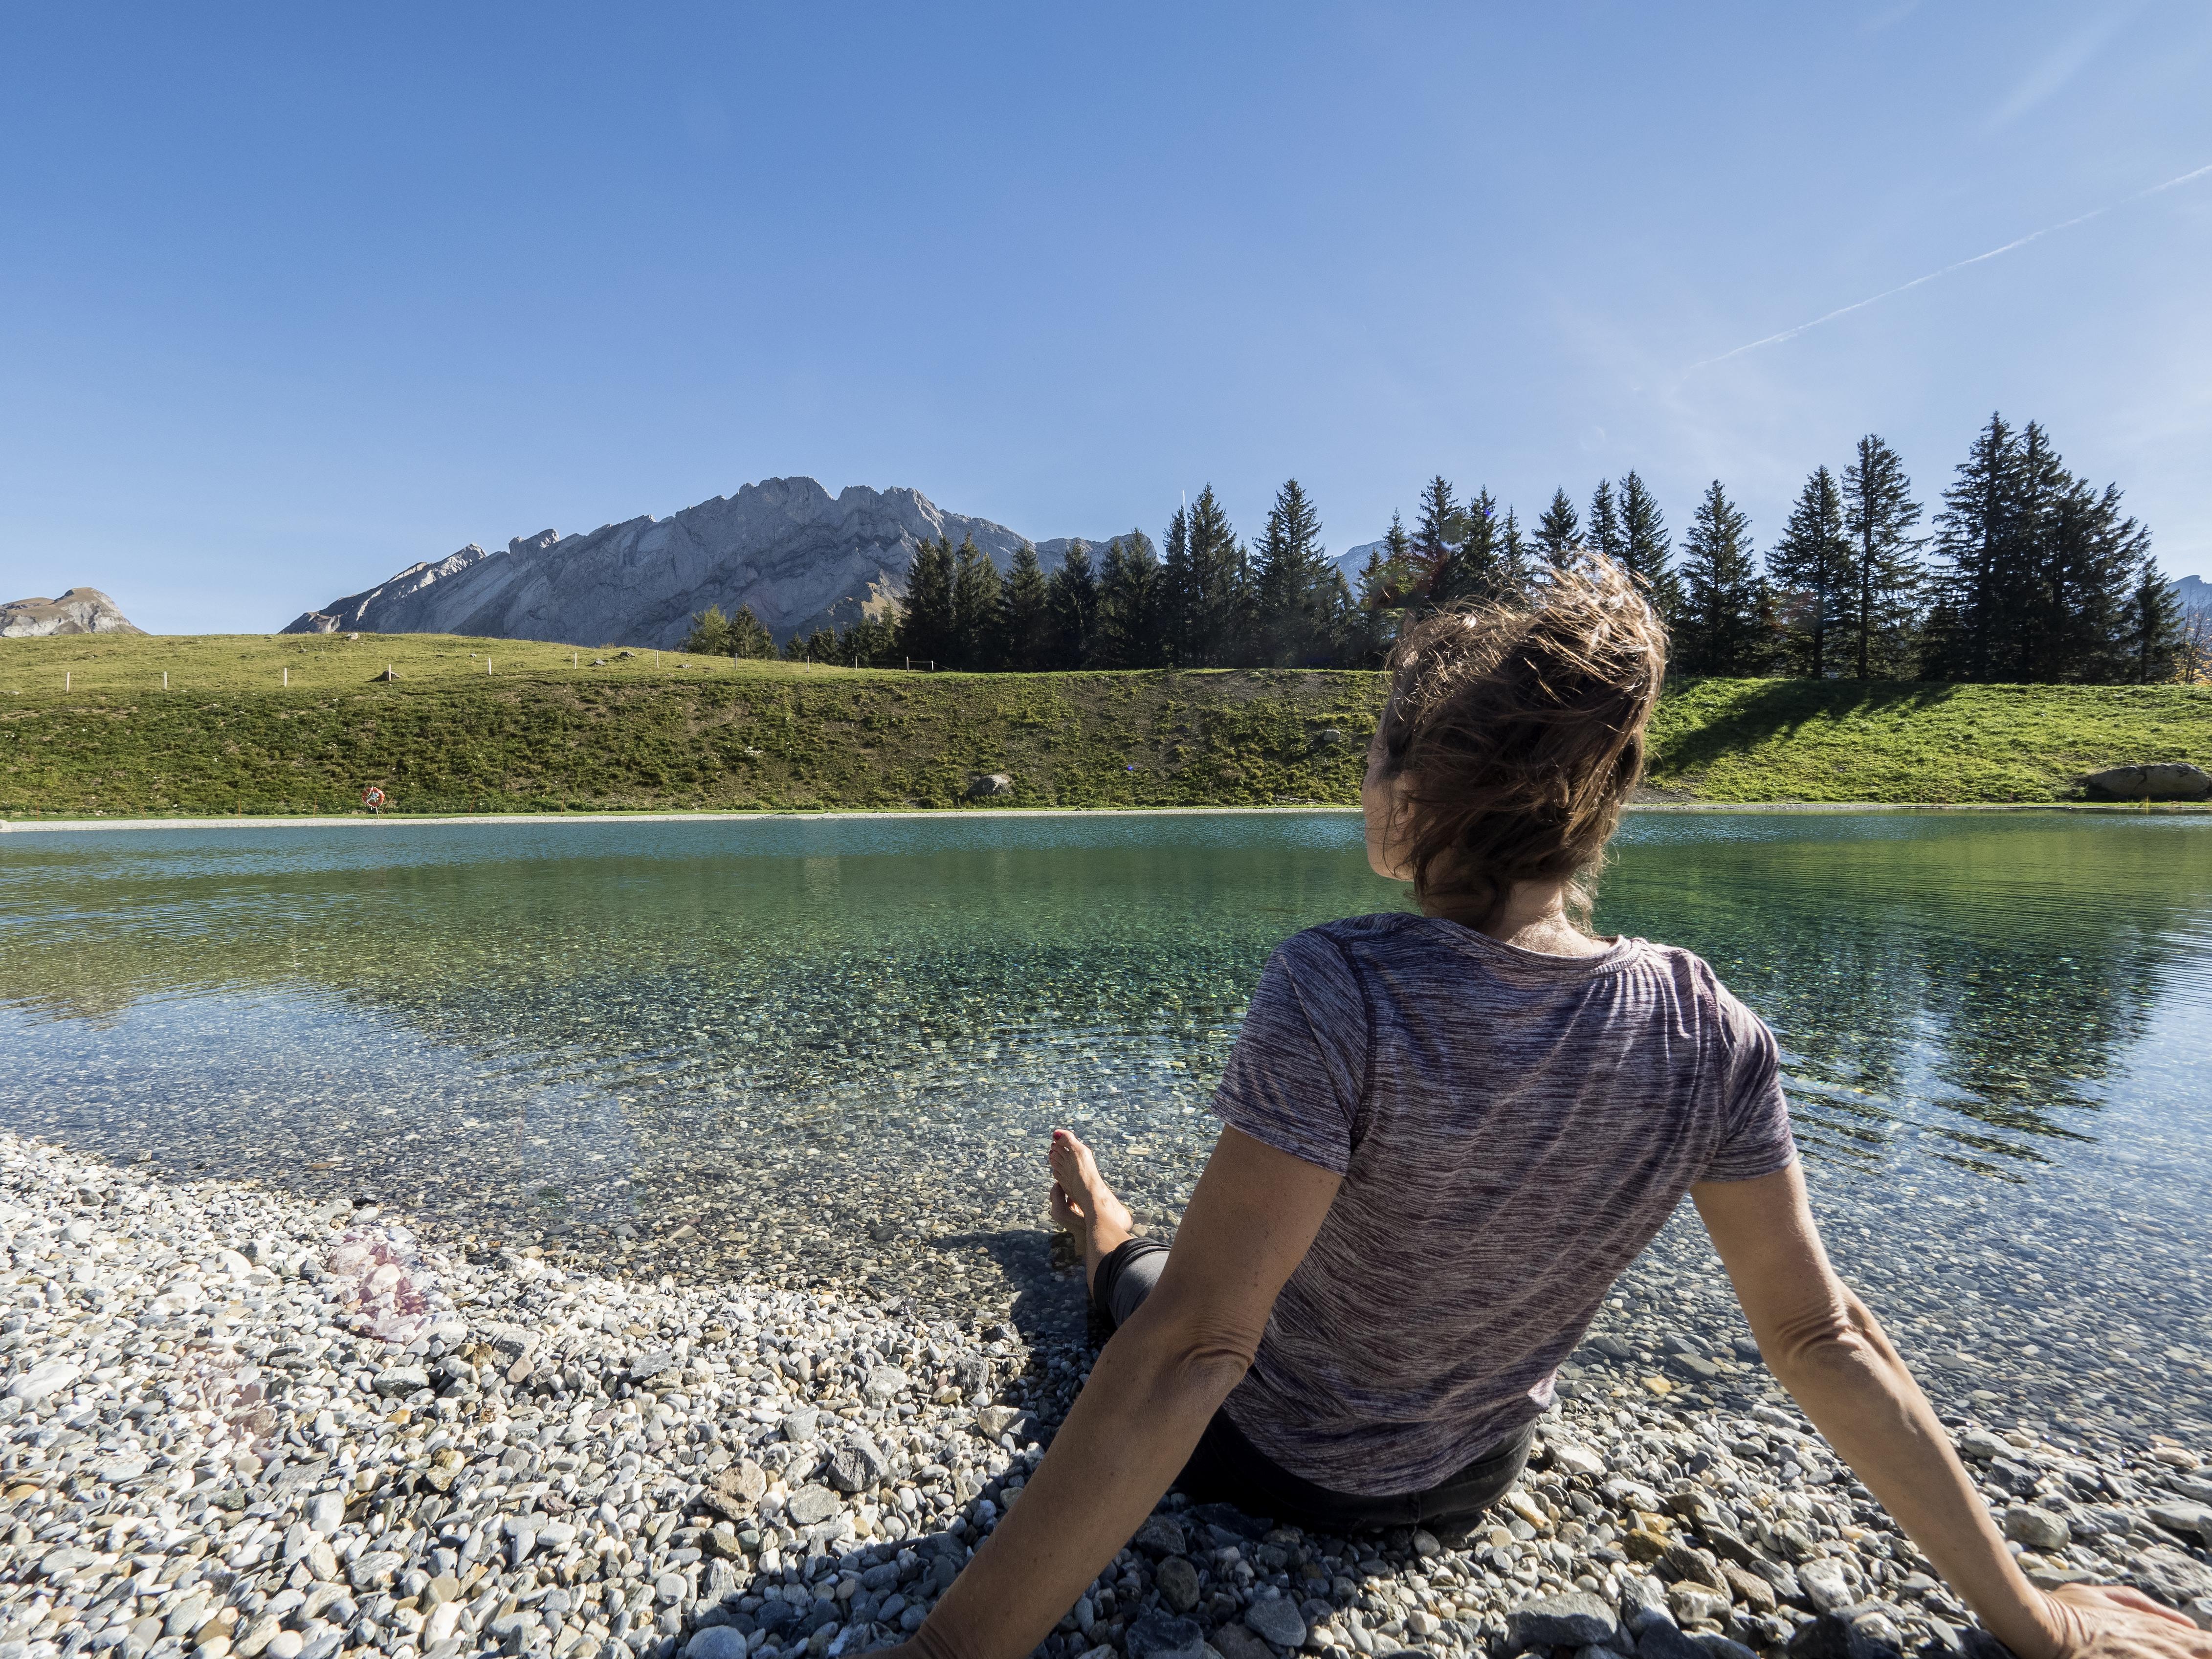 Bons plans pour vos vacances d'été en Suisse - Profitez d'activités chill et ressourçantes dans les lacs et rivières du canton de Vaud